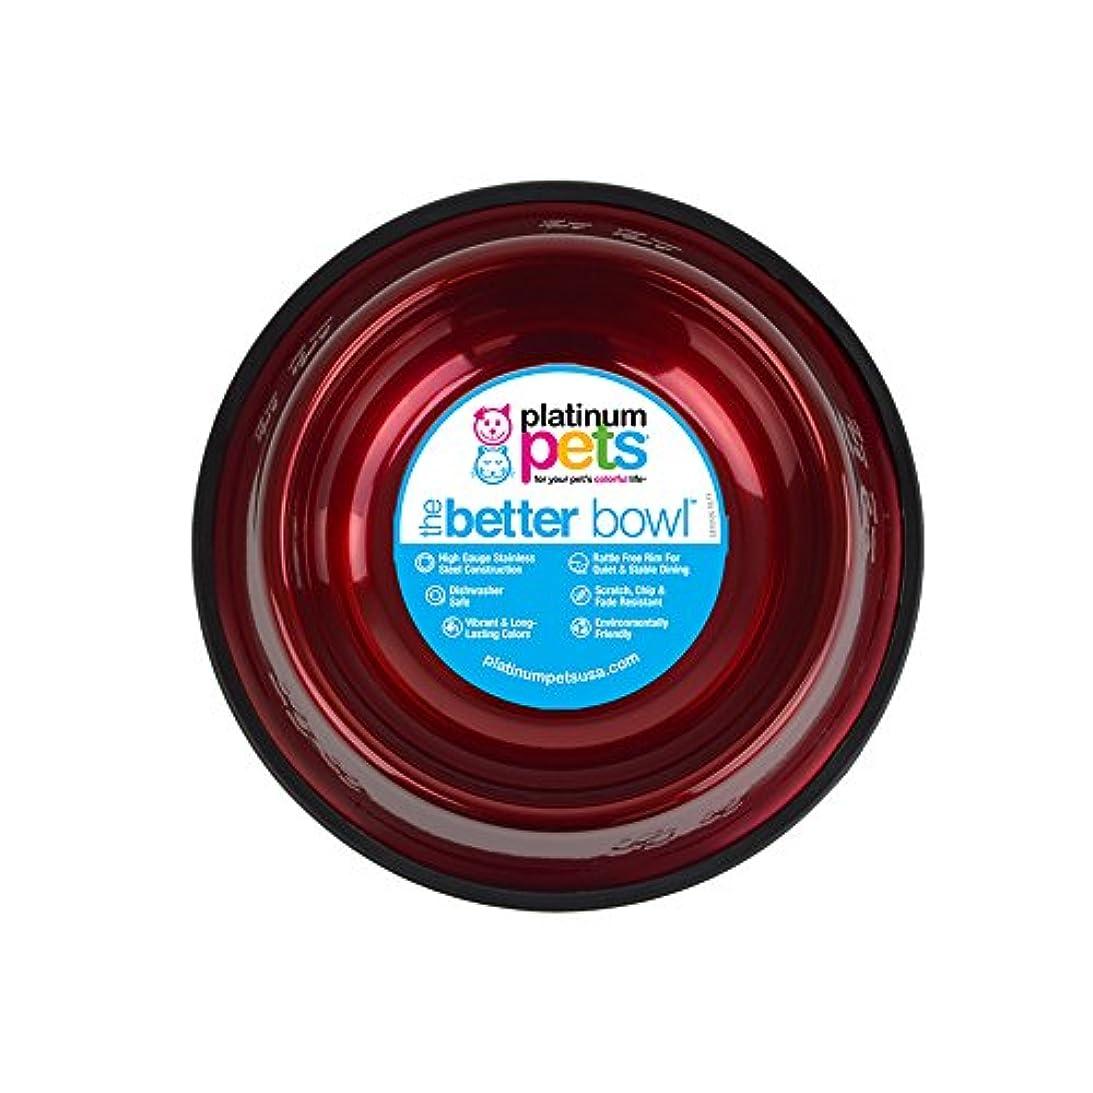 スプーンアクロバット好ましいPlatinum Pets 6.25 Cup Embossed Non-Tip Stainless Steel Dog Bowl, Candy Red by Platinum Pets